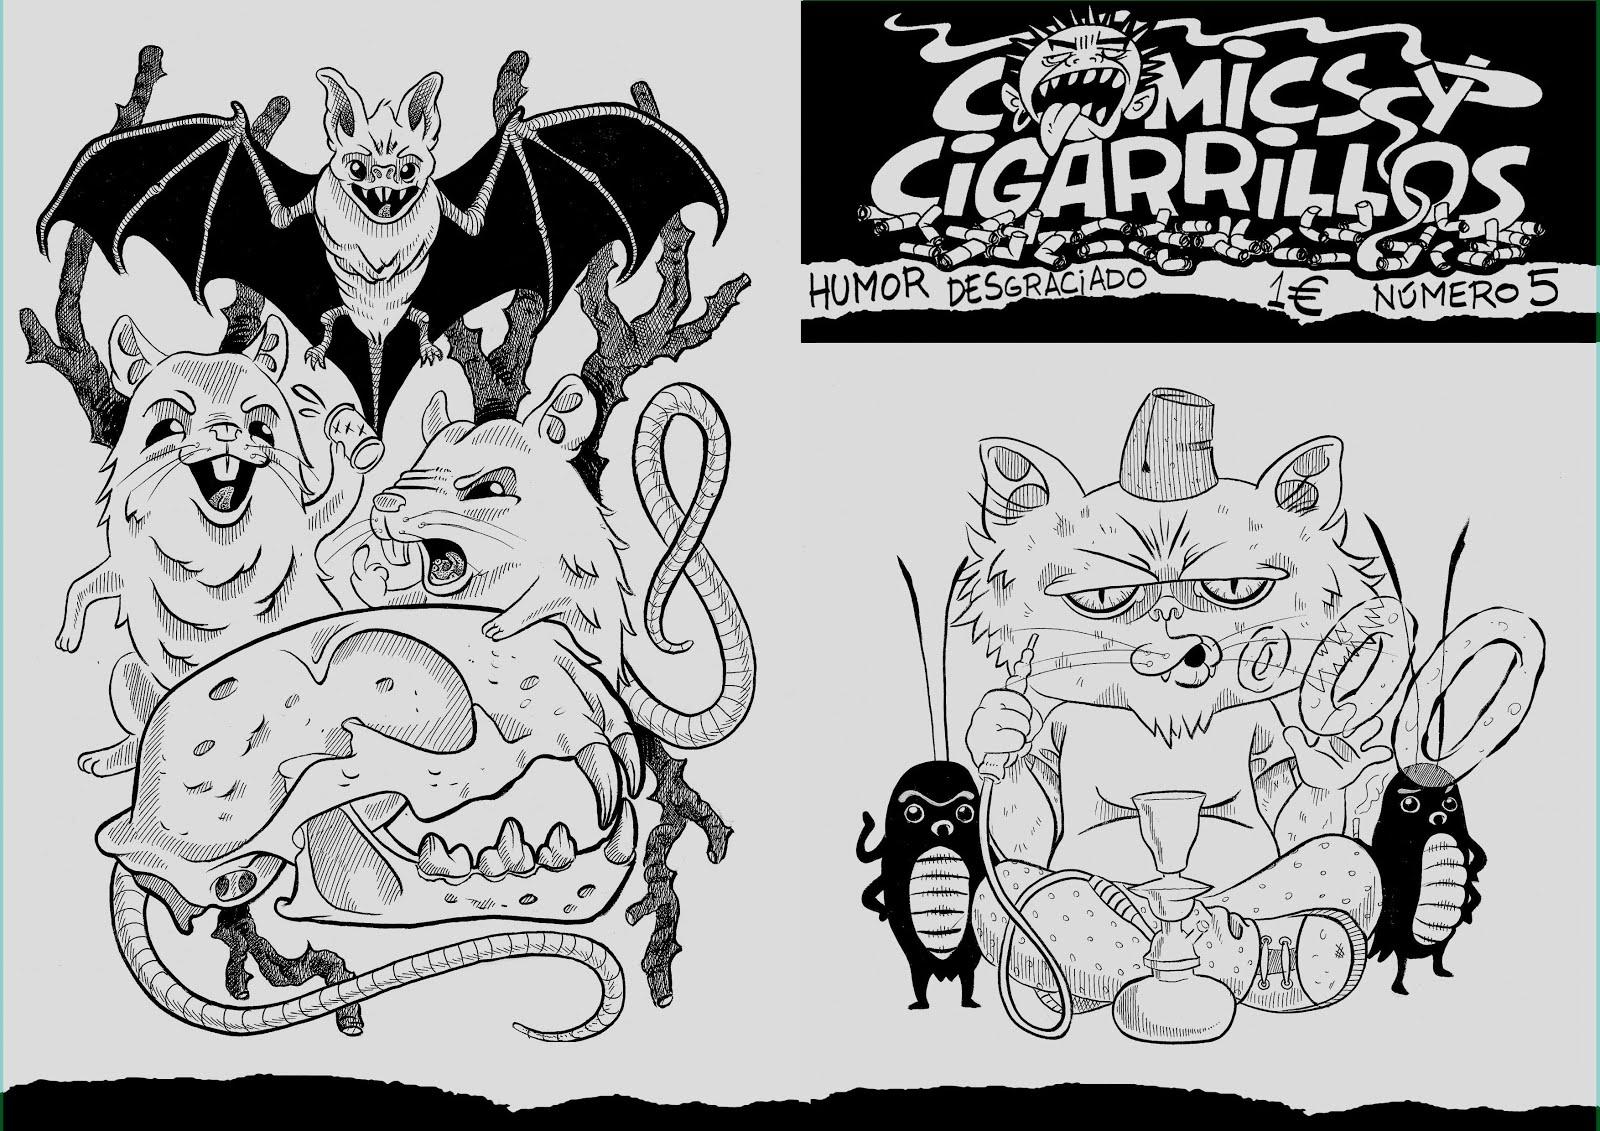 Cómics y Cigarrillos #5